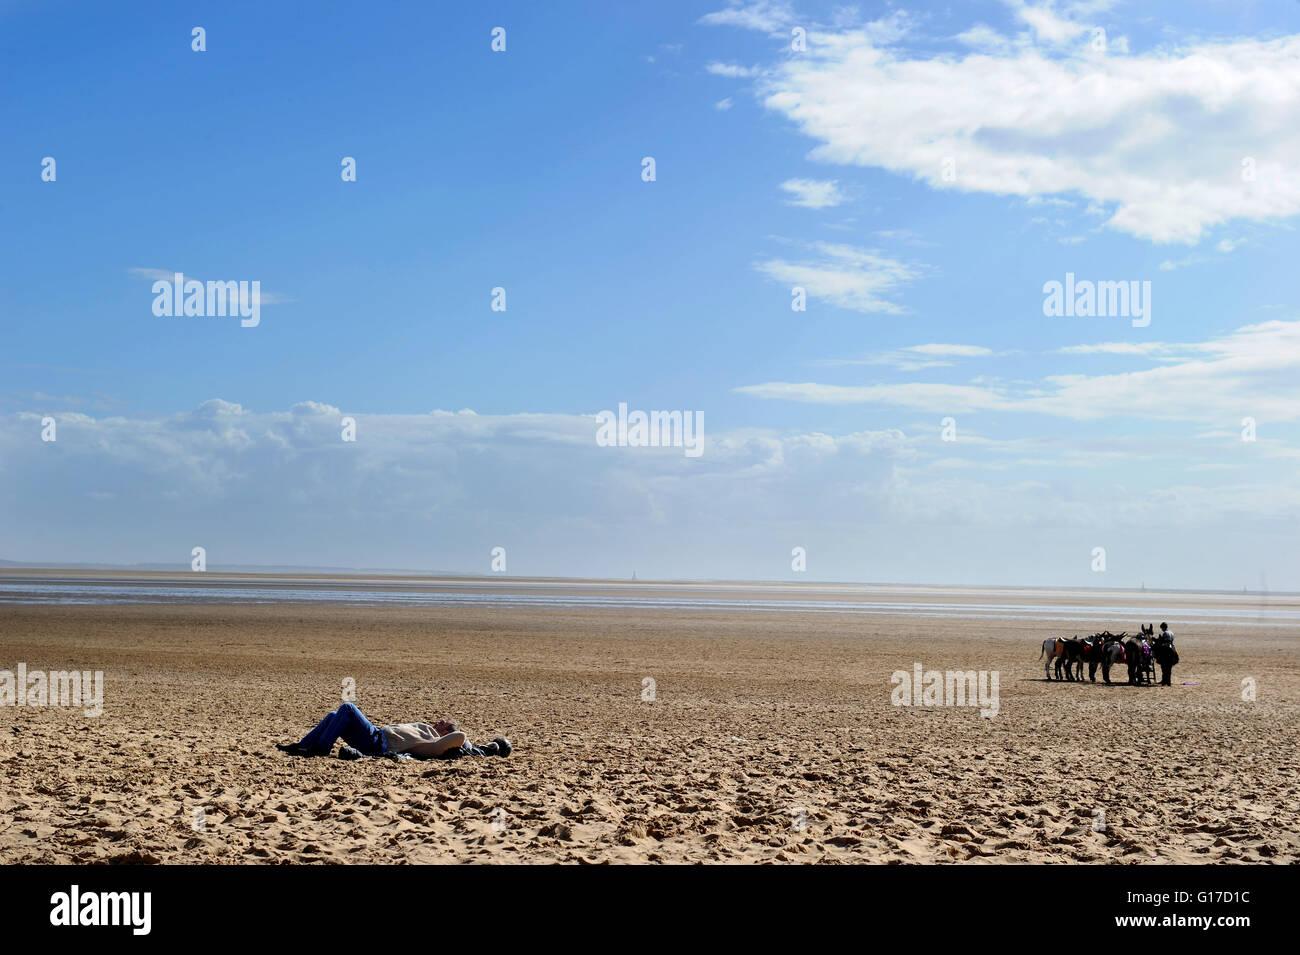 El día de la primavera en la tranquila playa de Lytham St Anne's, Lancashire. Fotografía por Paul Imagen De Stock